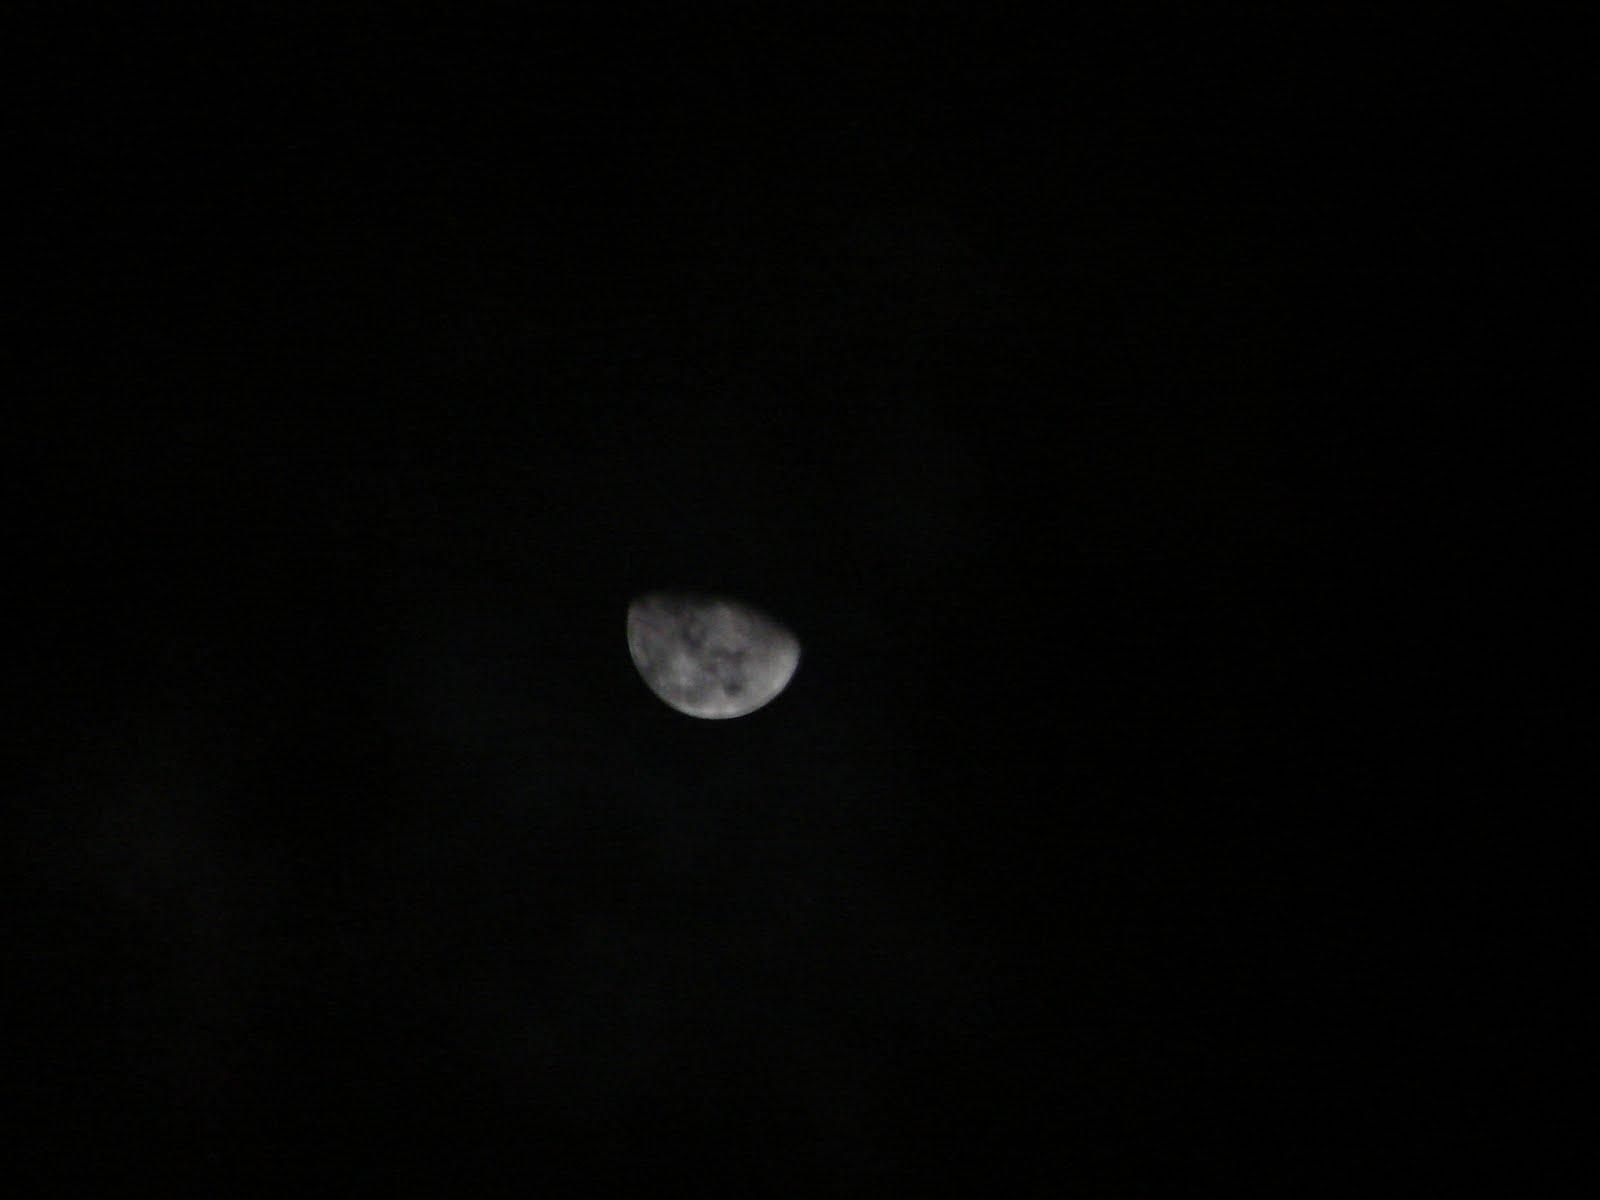 ATENCION-21-junio-22-23-24-25-26-27...2011 la LUNA con cruz blanca en el fondo sec UFO alineado